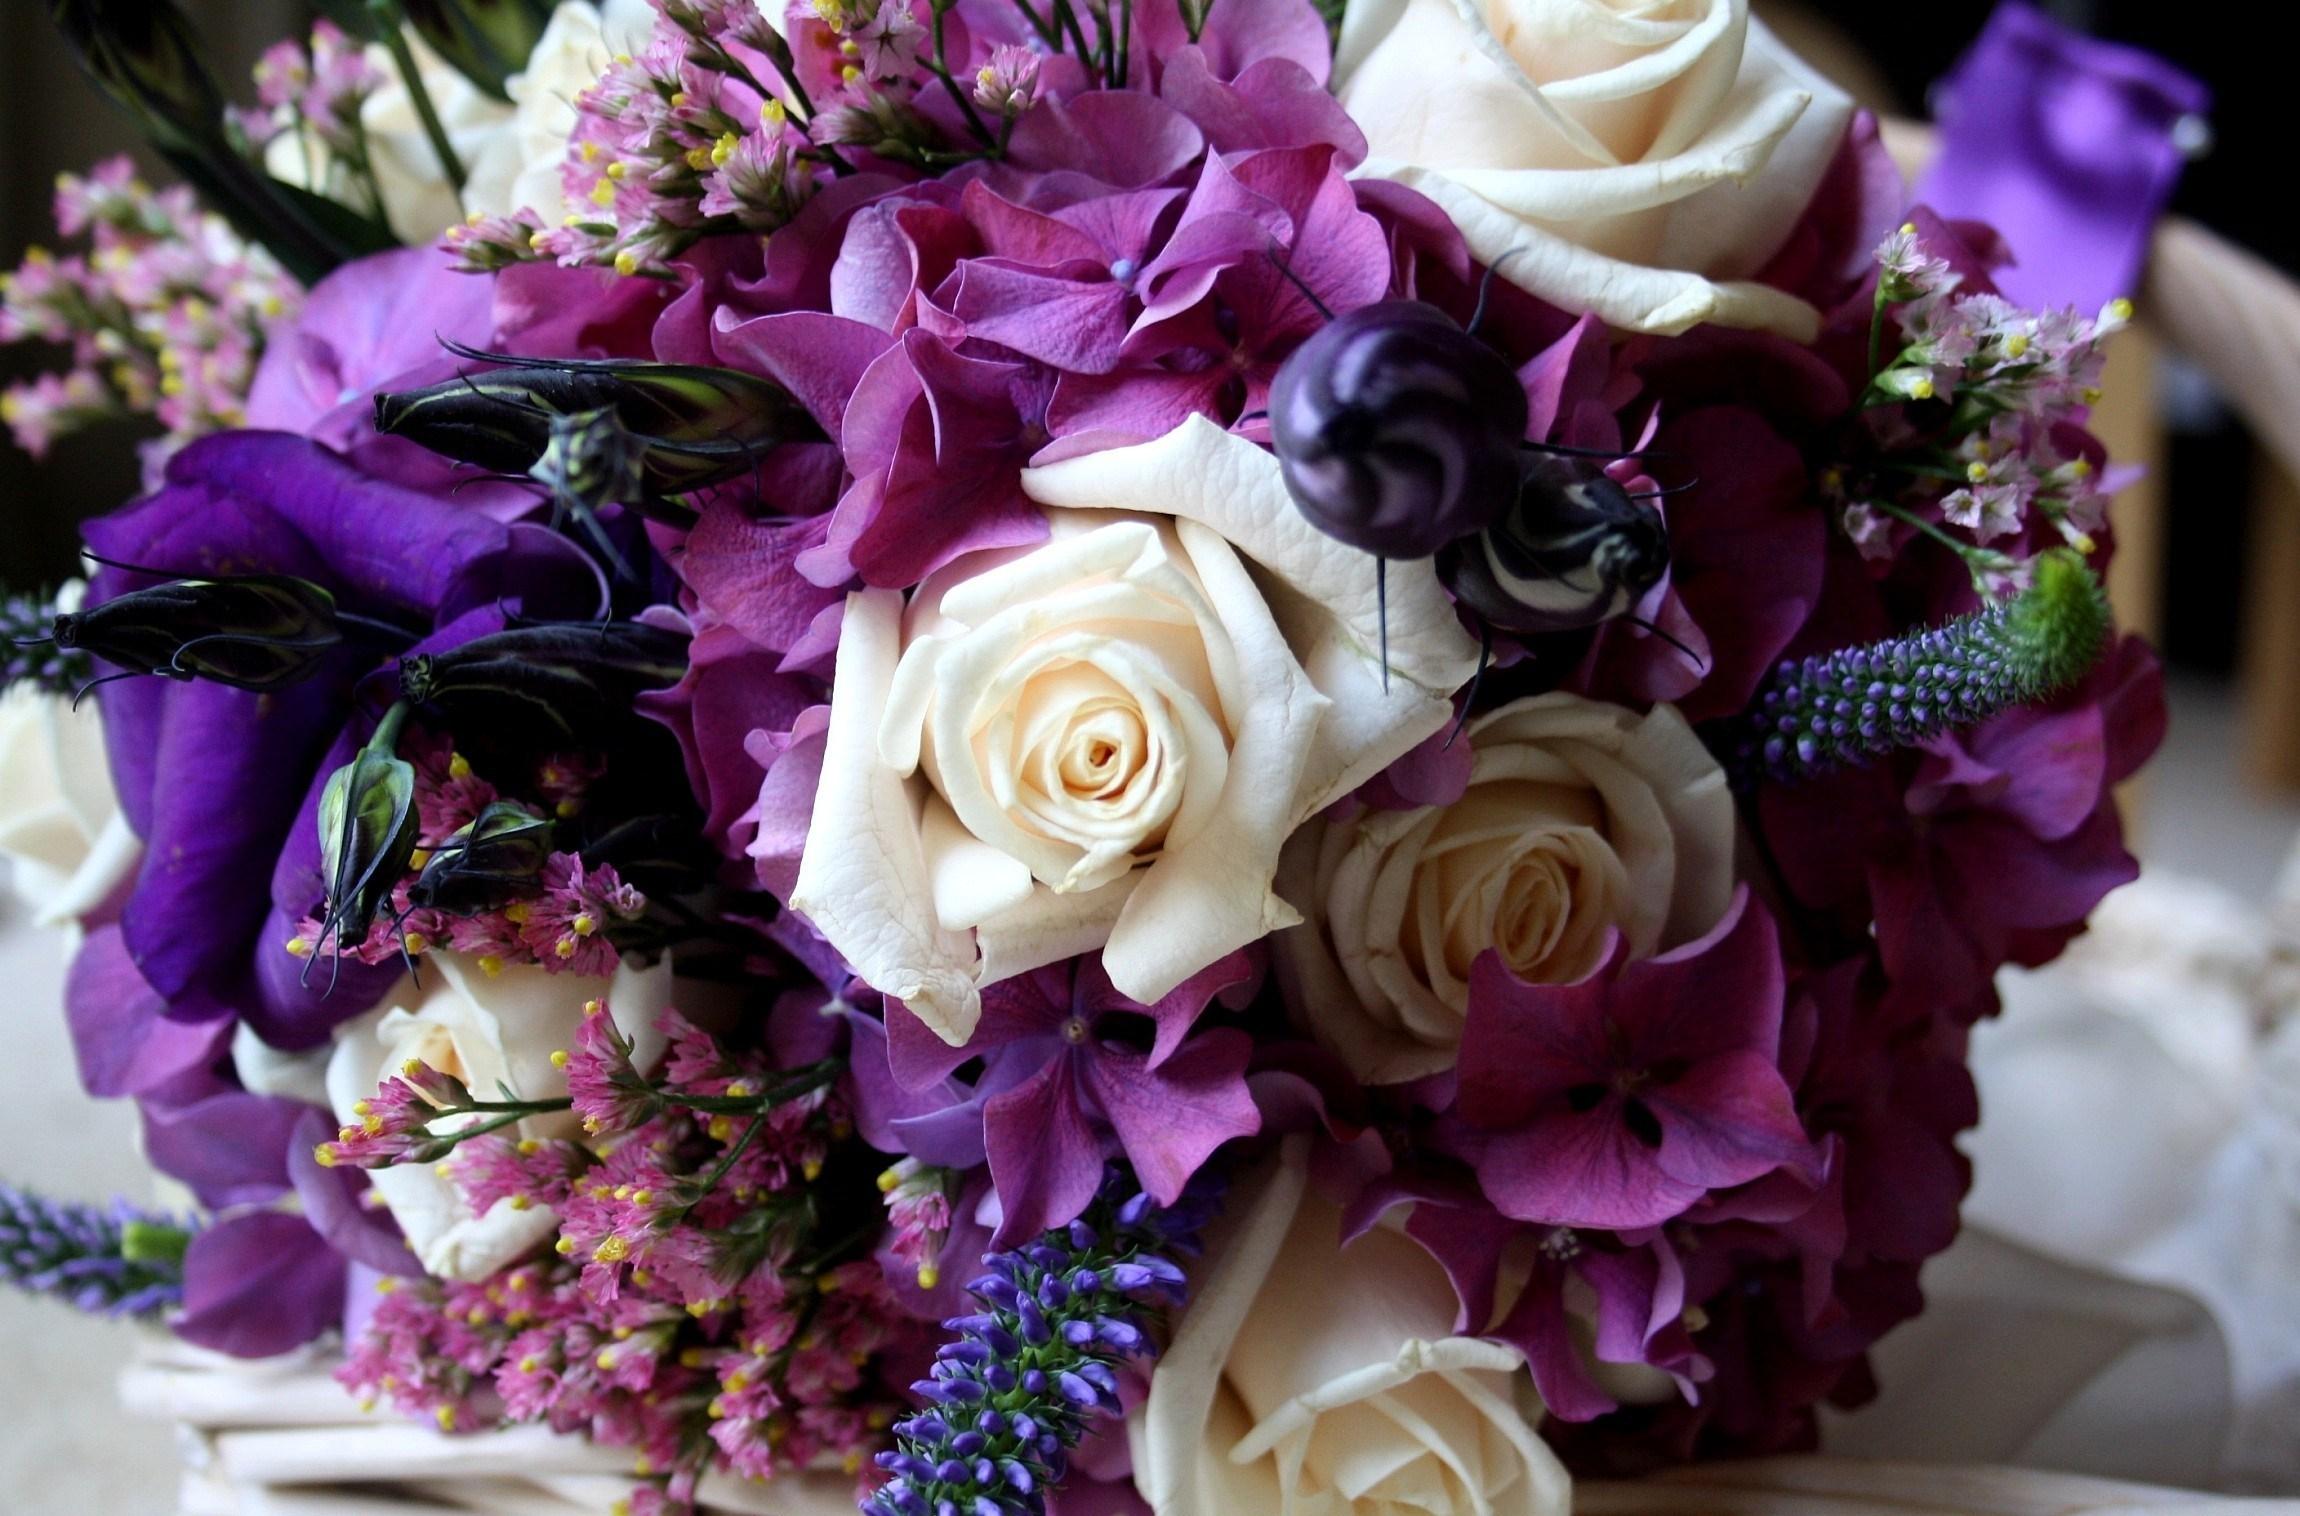 фиолетовые цветы в коробке  № 2541505 бесплатно